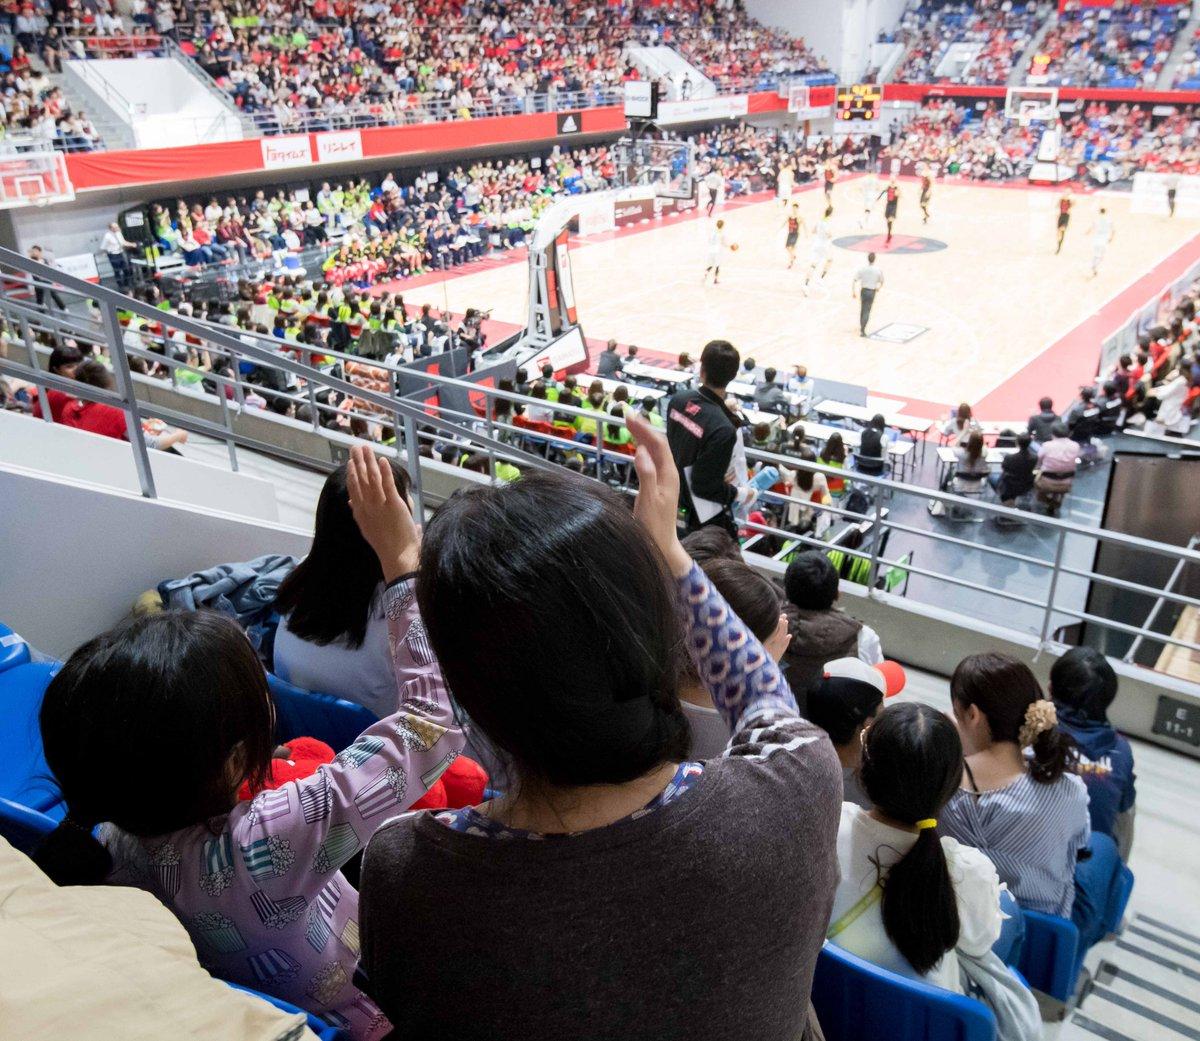 test ツイッターメディア - 【犯罪被害者支援室】ワールドカップや東京2020大会出場で盛り上がるBリーグ。バスケの試合を被害遺児らが観戦しました。世界で戦う選手の迫力あるプレーに大興奮。アルバルク東京の皆さん、ご招待ありがとうございました!被害遺児が将来の夢を抱いて成長できるよう皆様のサポートをお願いします。 https://t.co/BlN4kn7ULo